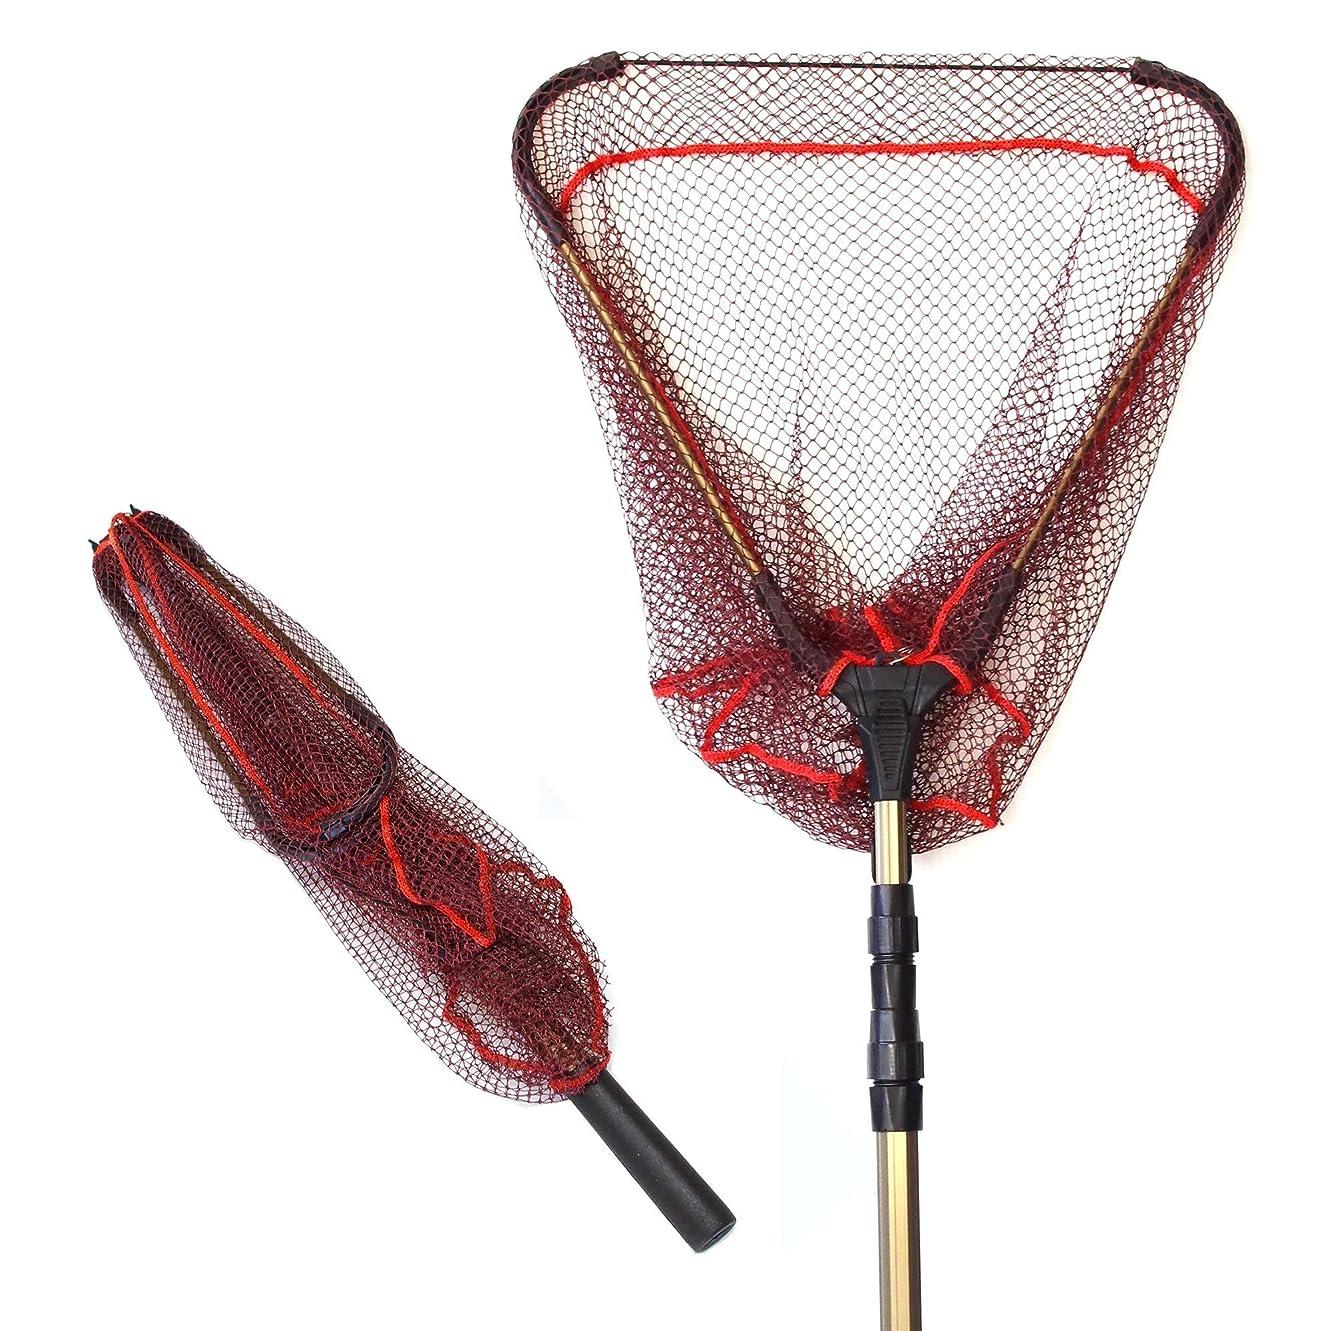 たらい痛みブラシTPOS 玉網 たも 折りたたみ式タモ網 ワンタッチネット 伸縮する玉網 たも網コンパクト最大約190cm収納時約71cm網幅約43cm【フックの位置を改良しました】